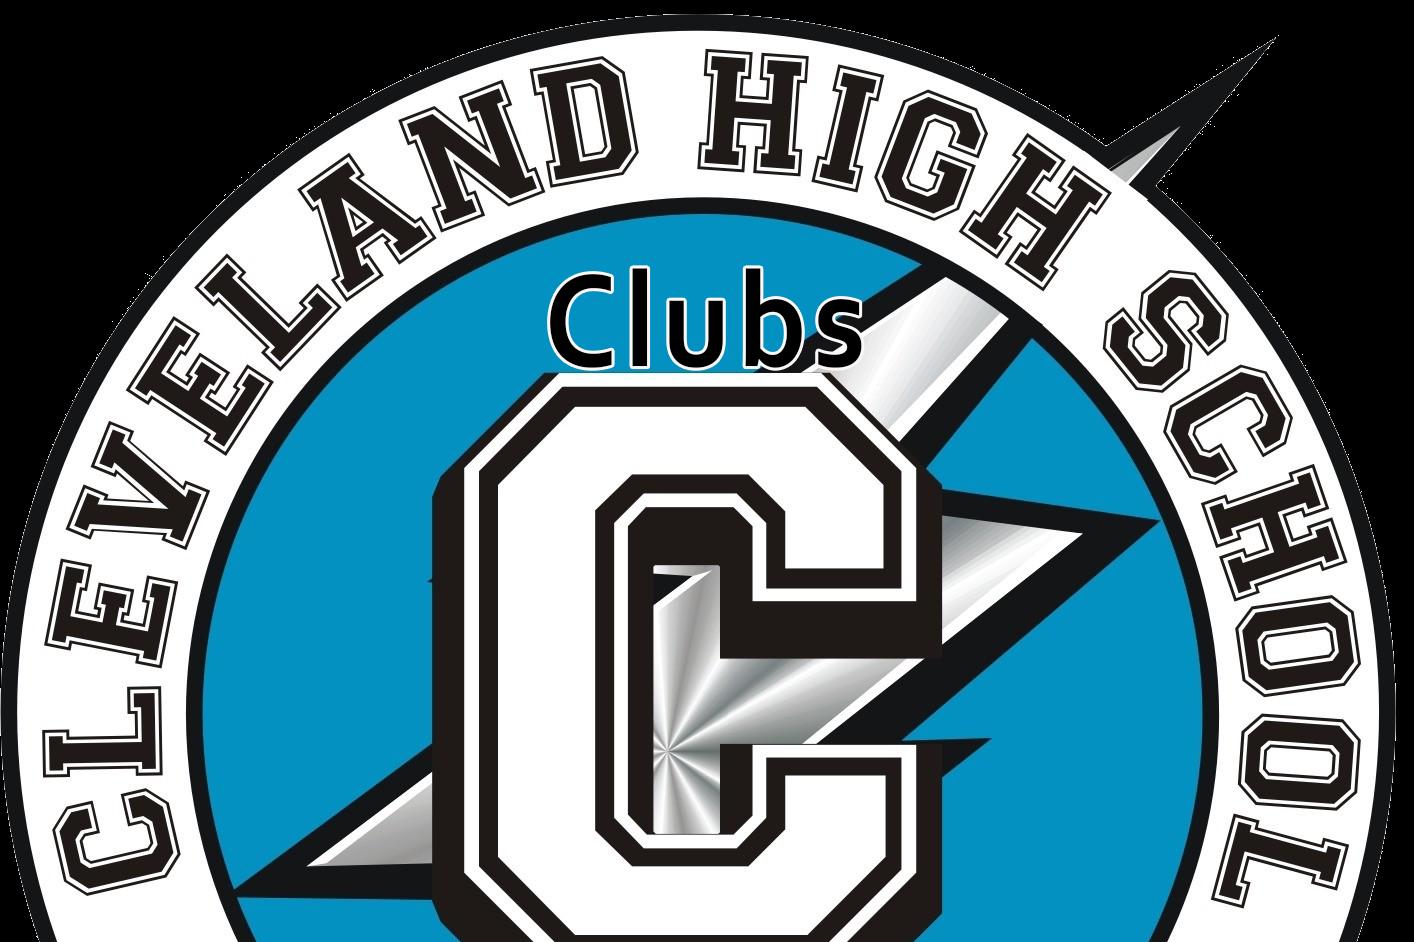 CHS Clubs